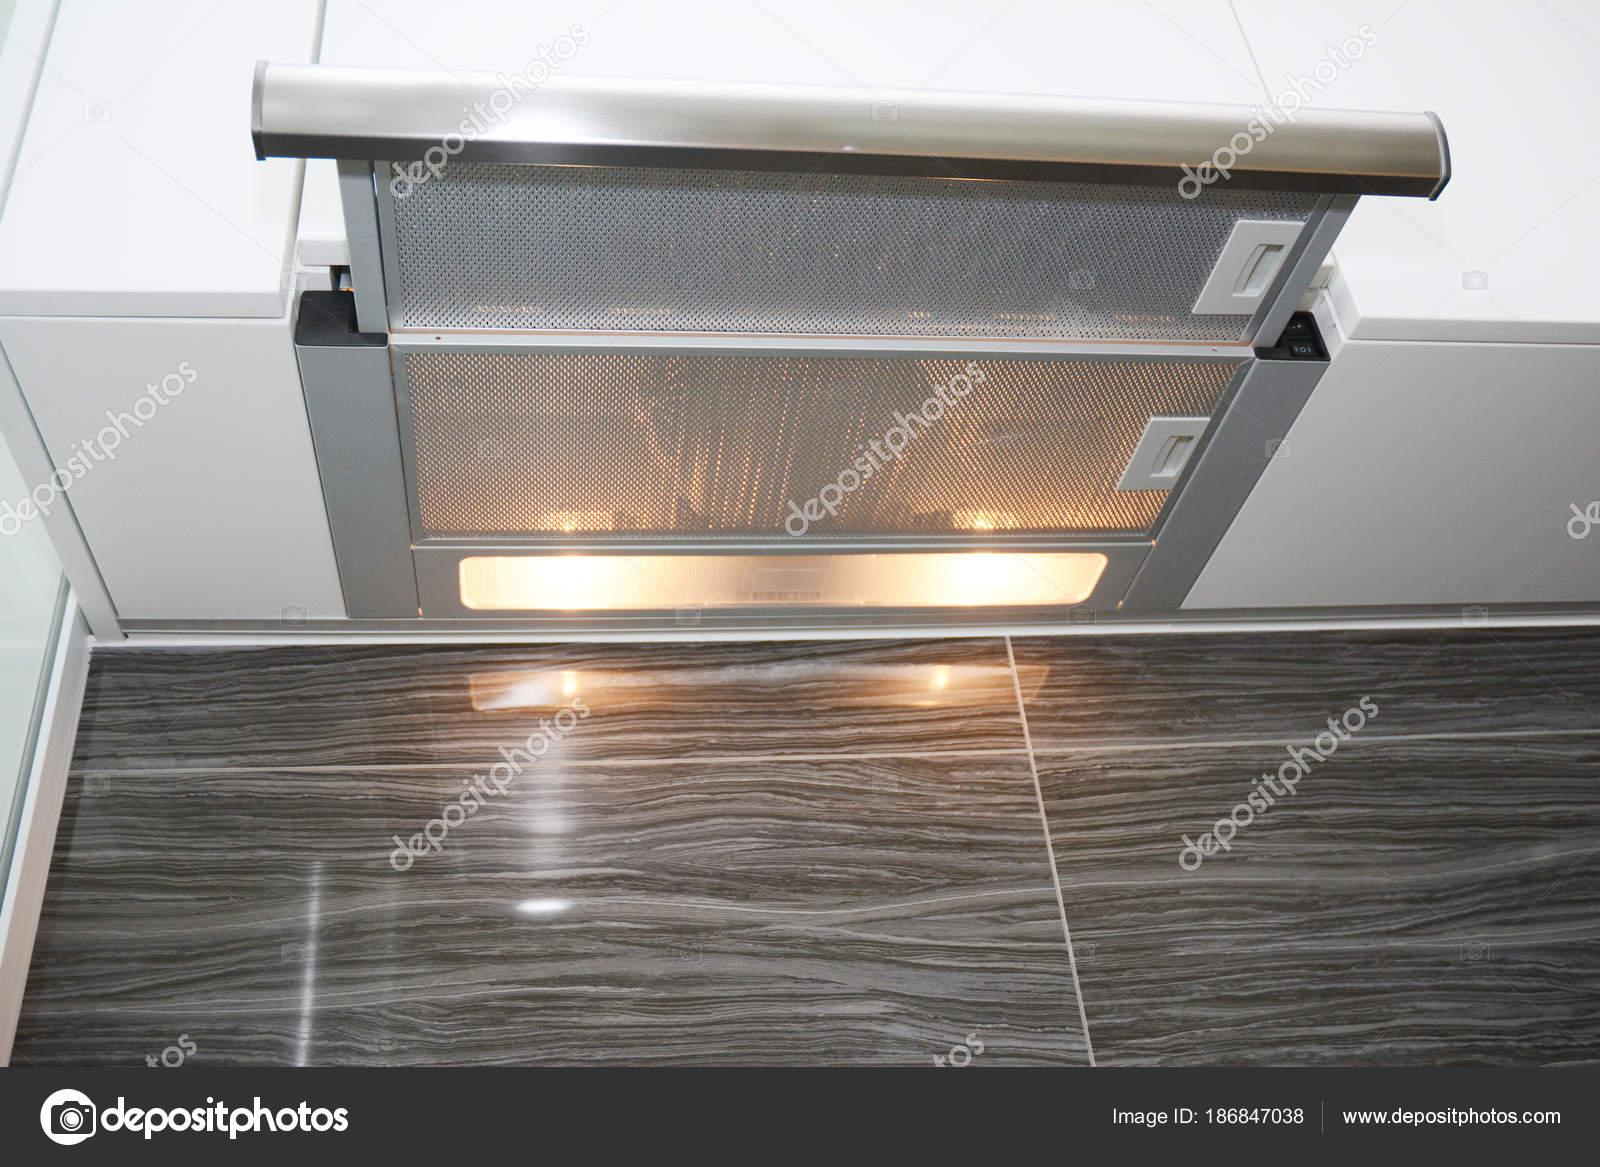 kitchen fan cover stonewall aioli 现代空气排厨房风扇或抽油烟机 不锈钢烟囱罩用金属管 图库照片